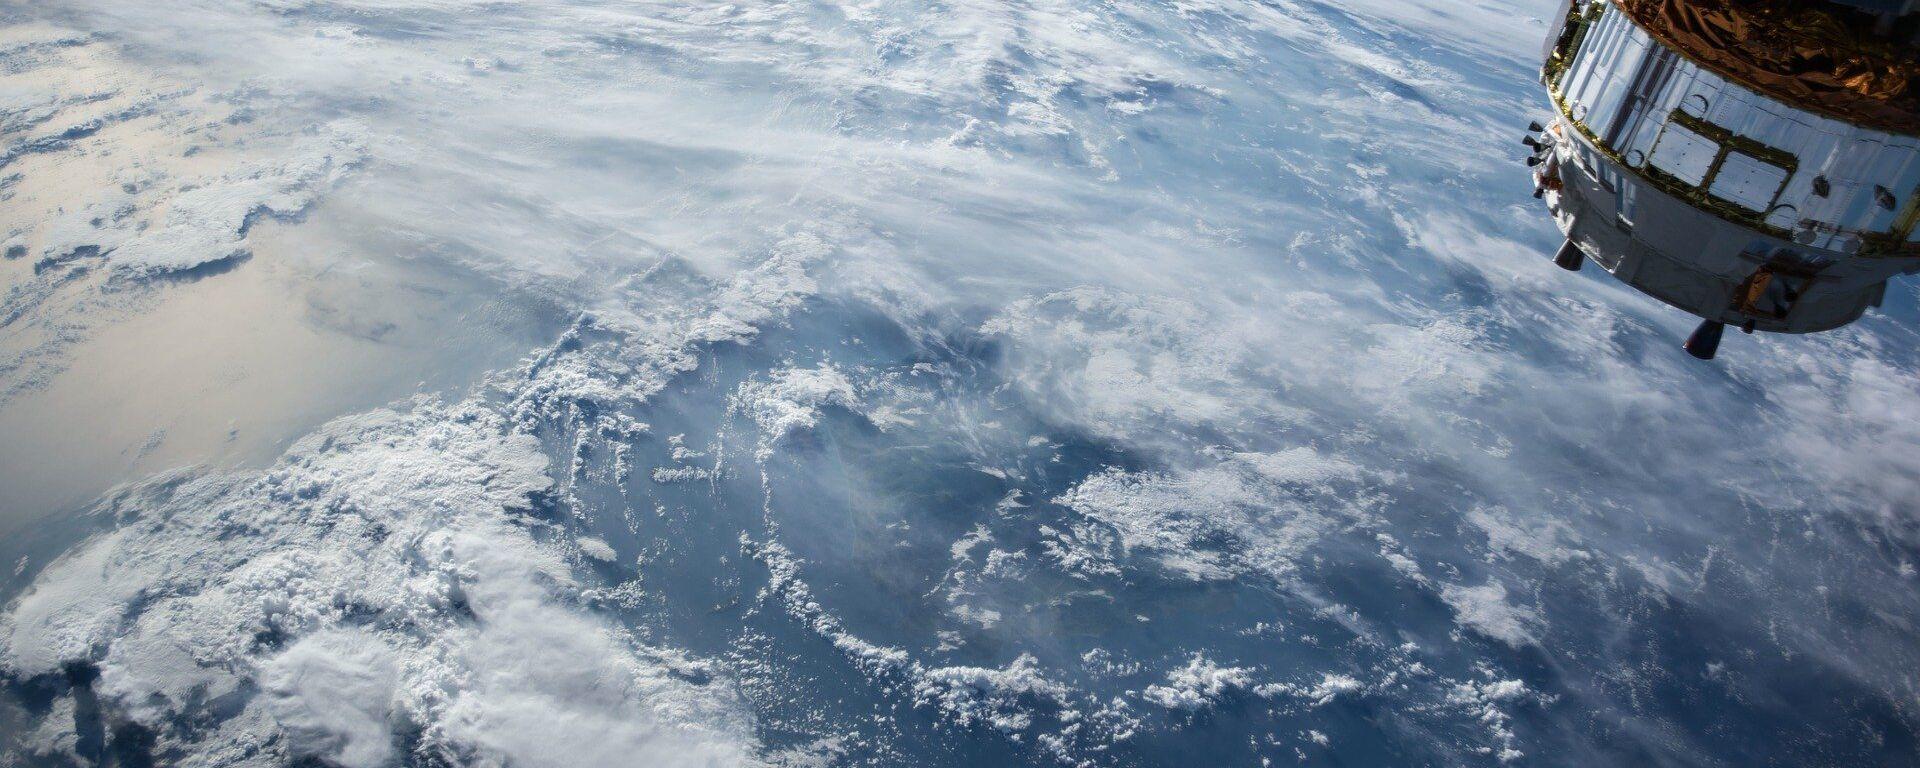 Espacio (imagen referencial) - Sputnik Mundo, 1920, 11.06.2021